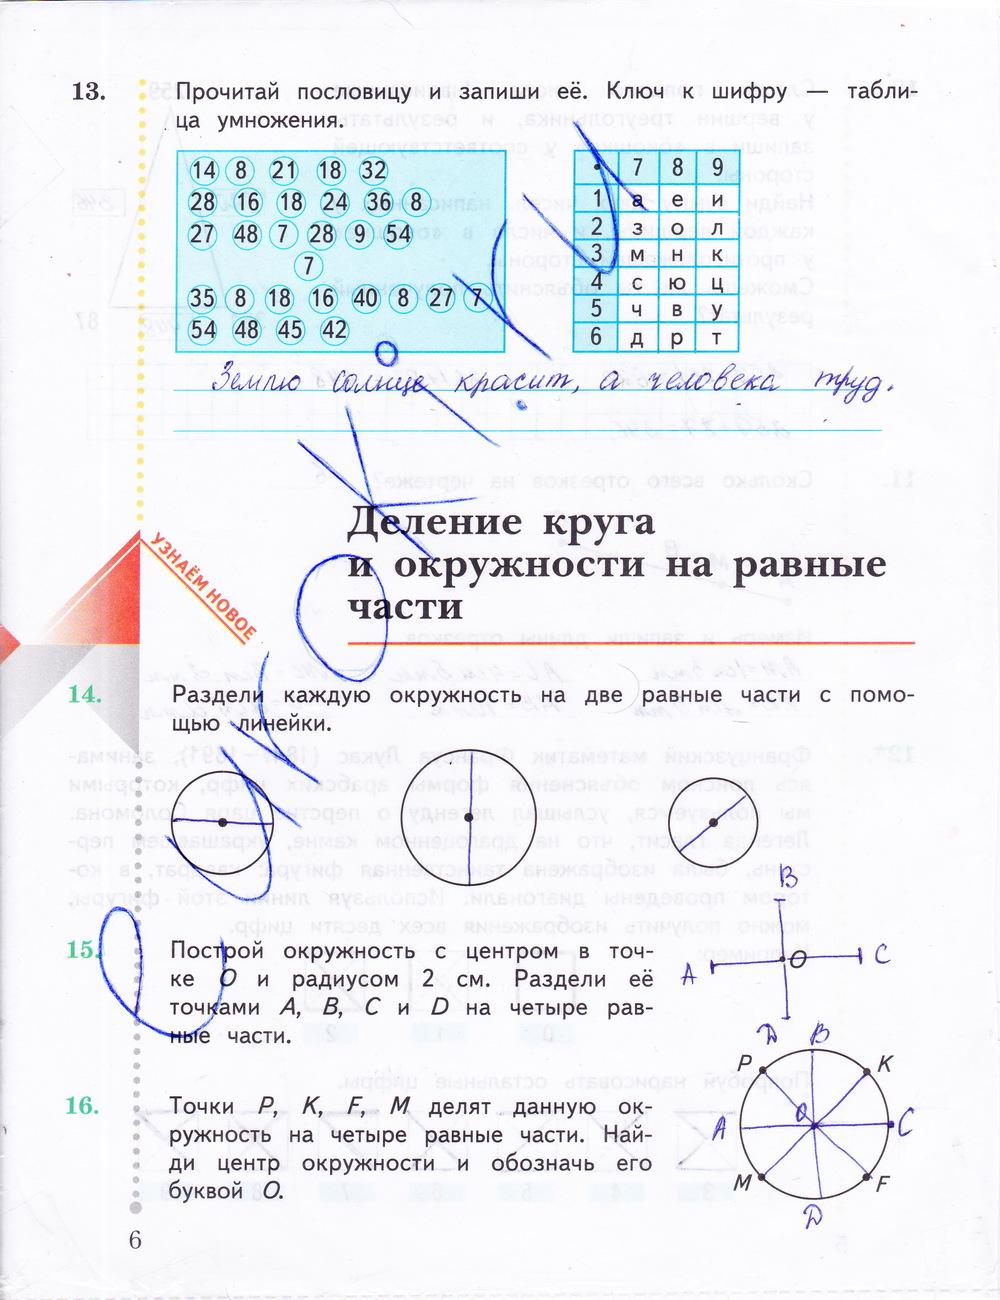 3 вентана учебнику по 2 граф класс часть по гдз математике